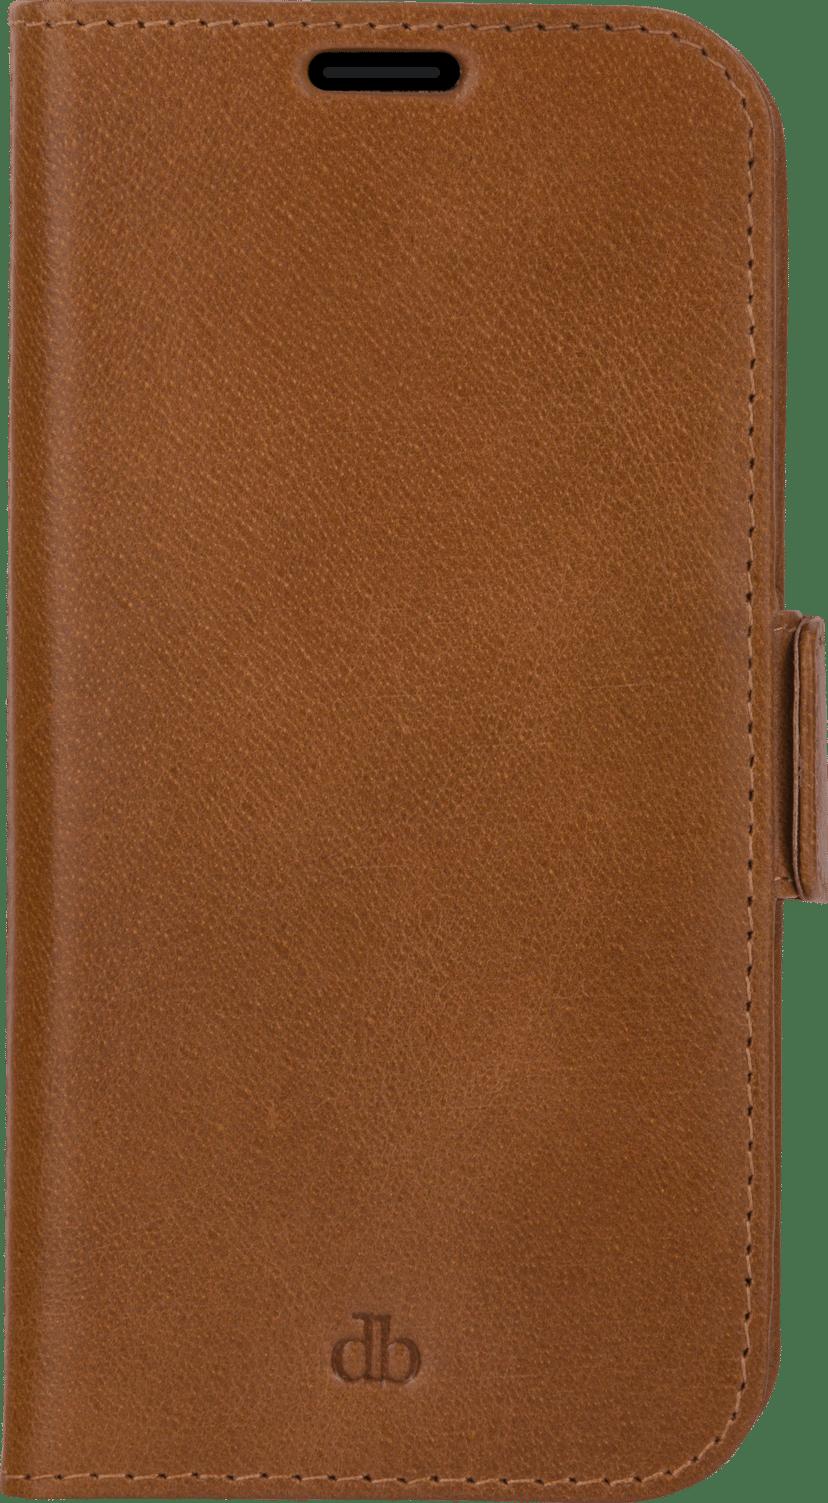 dbramante1928 Lynge Vikbart Fodral För Mobiltelefon iPhone 13 Pro Max Tan